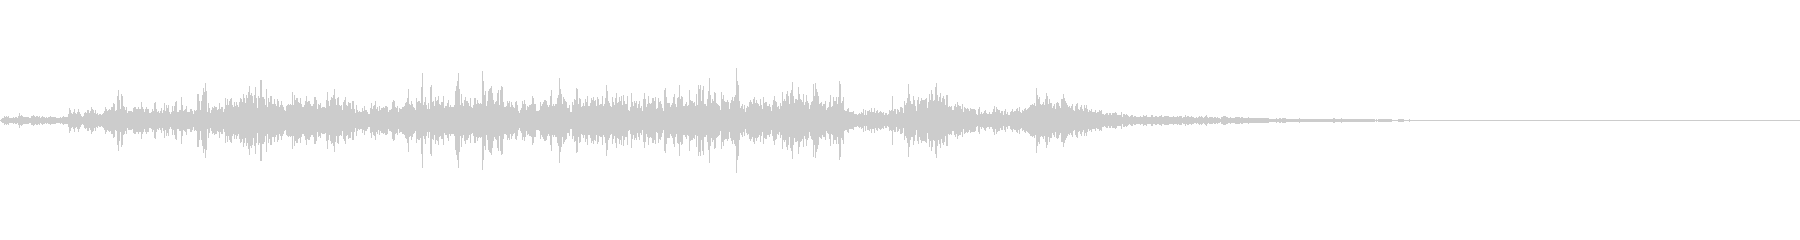 カミナリ(遠雷)-11の未再生の波形